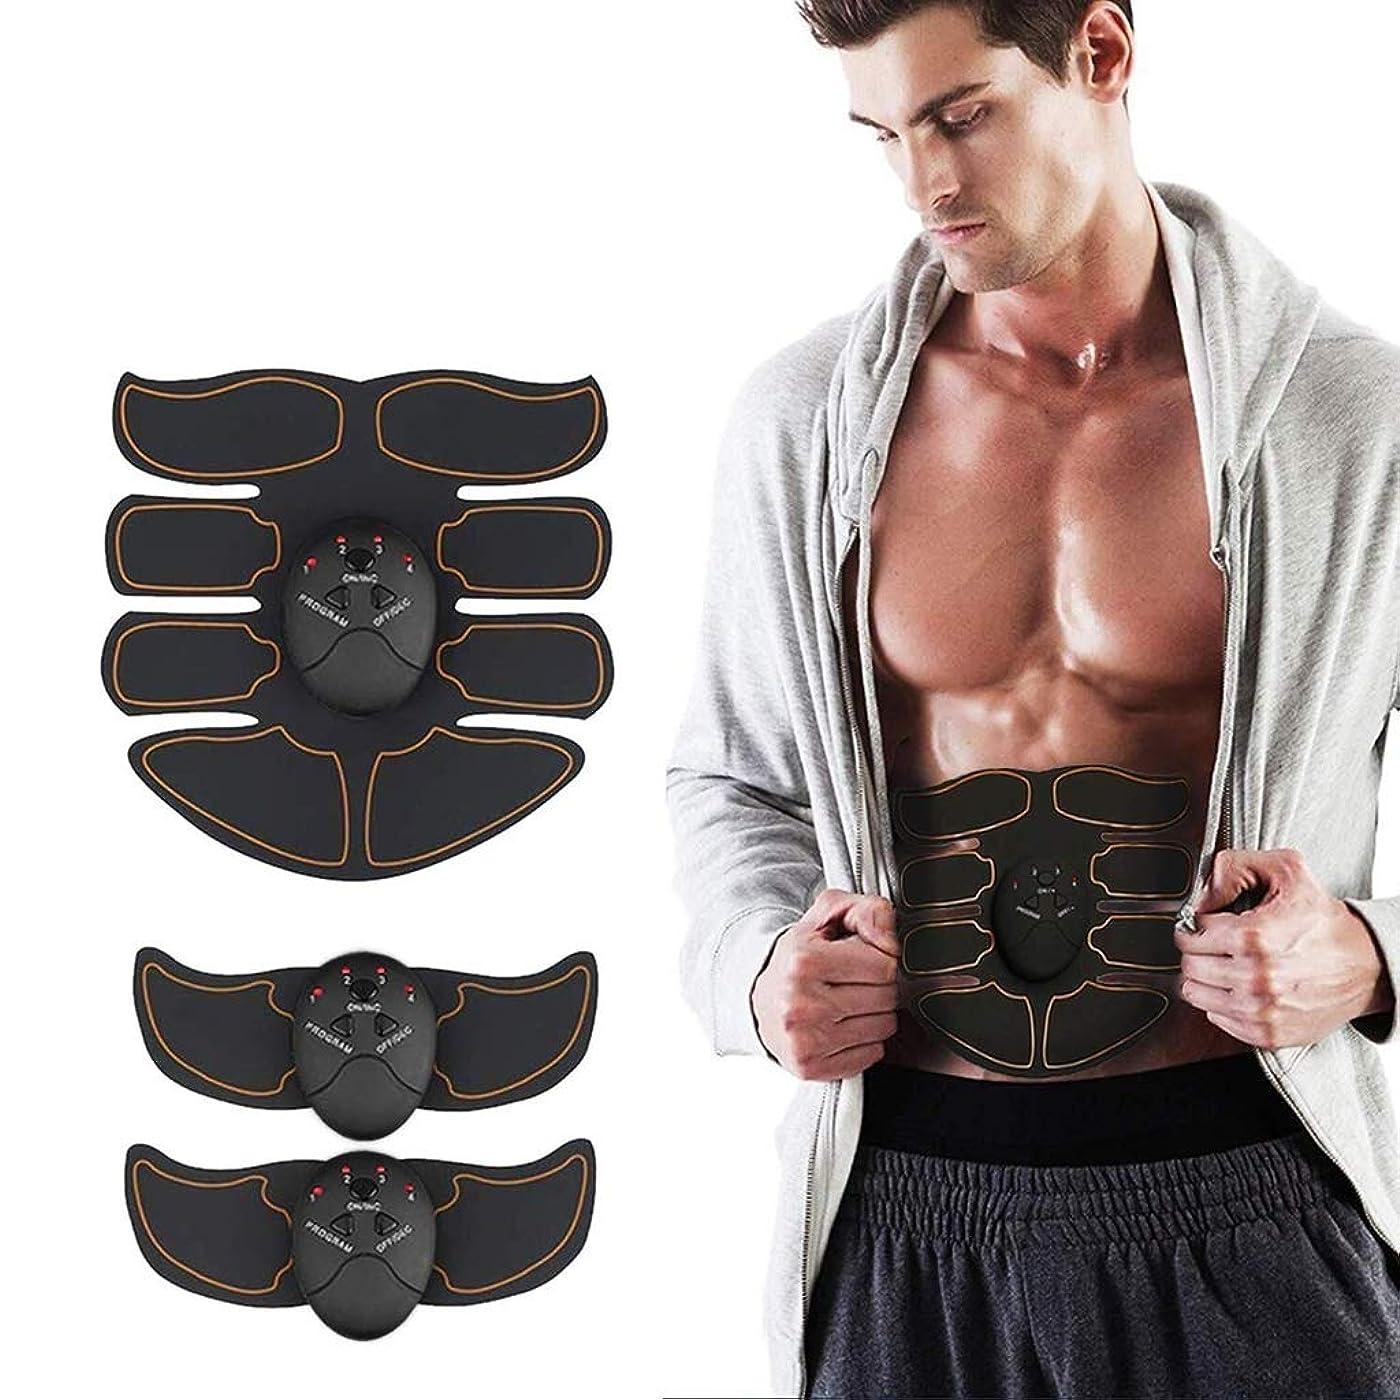 隠されたストレスの多いピンポイント腹部刺激マッサージ、腹部調色ベルトEMS ABSボディ筋肉トレーナー、ワイヤレスポータブルユニセックスフィットネストレーニング機器